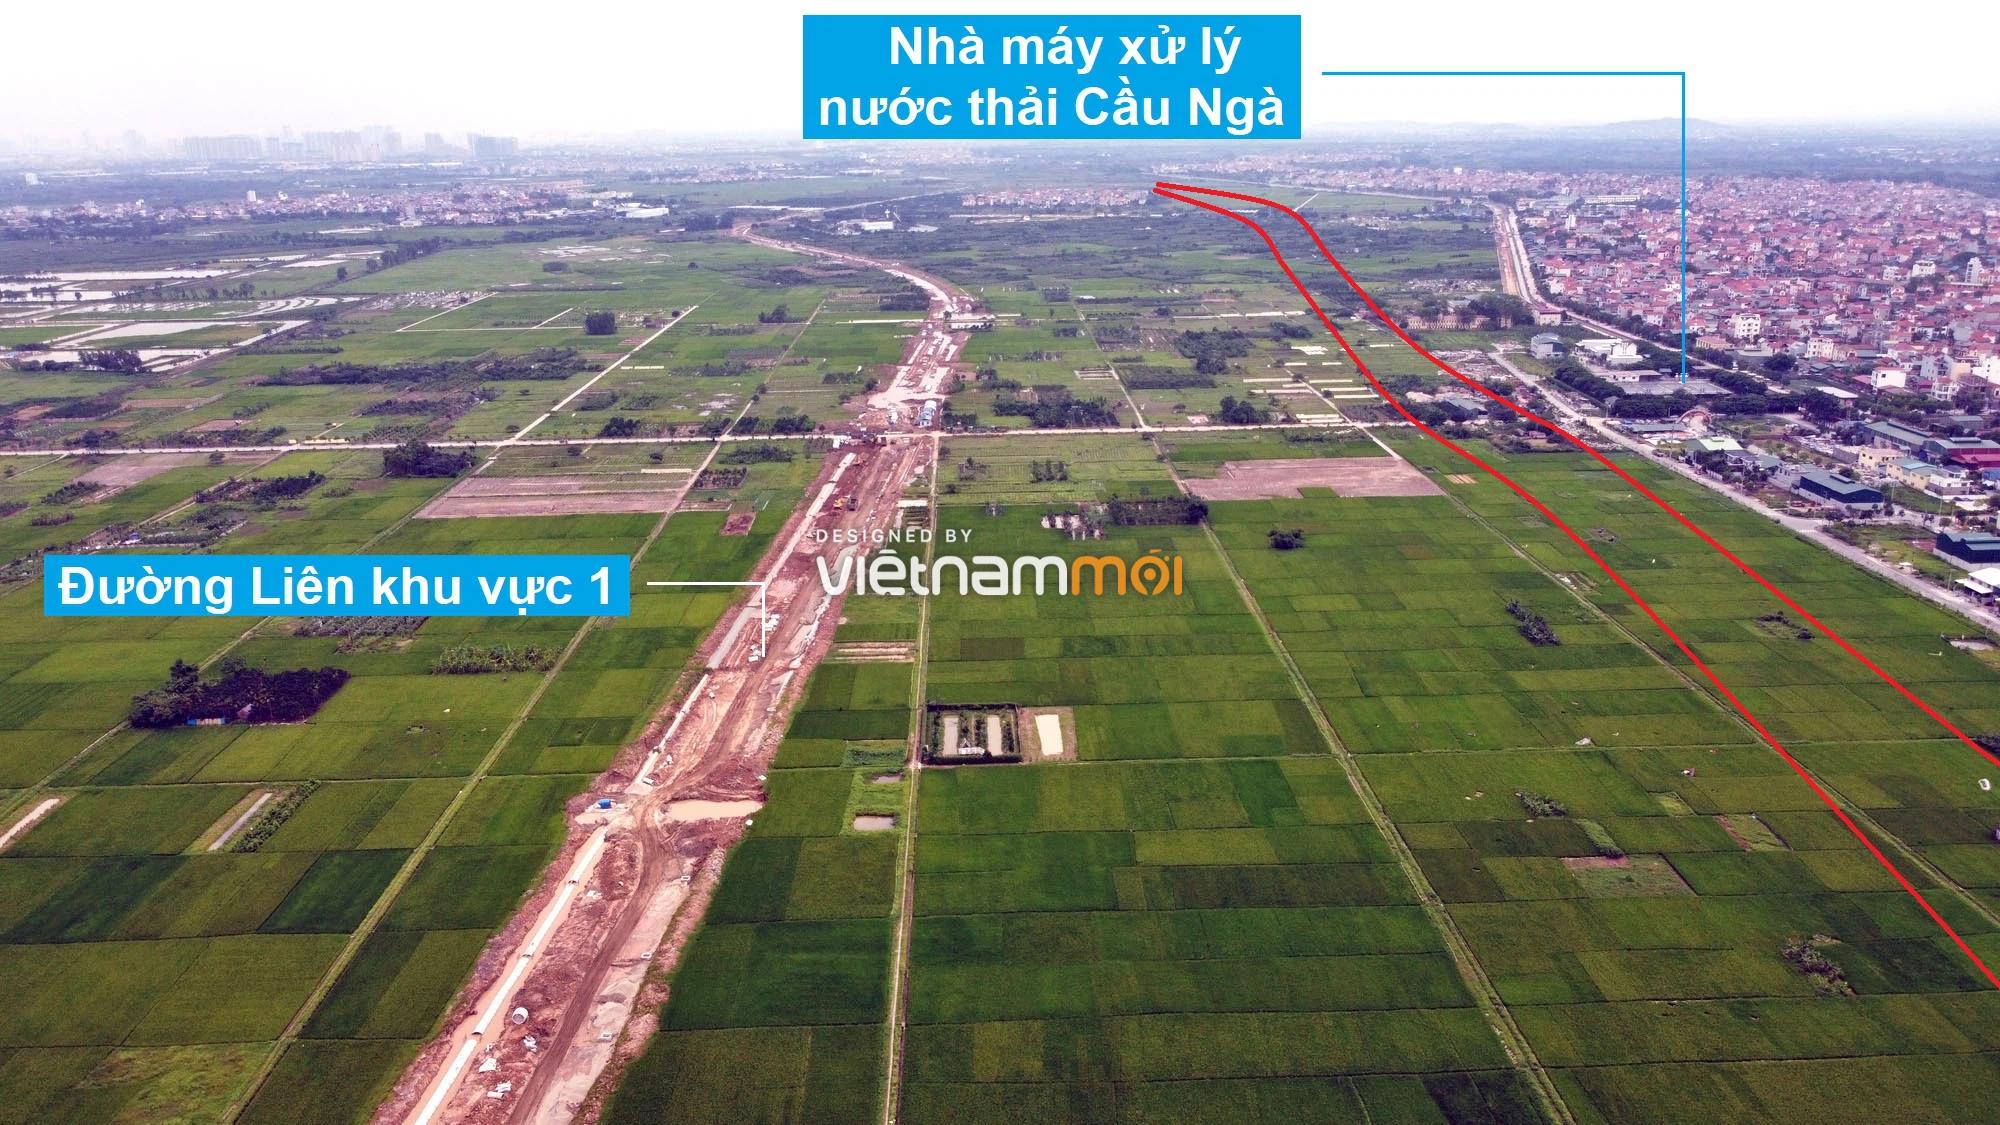 Đường Vành đai 4 sẽ mở theo quy hoạch qua huyện Hoài Đức, Hà Nội - Ảnh 4.